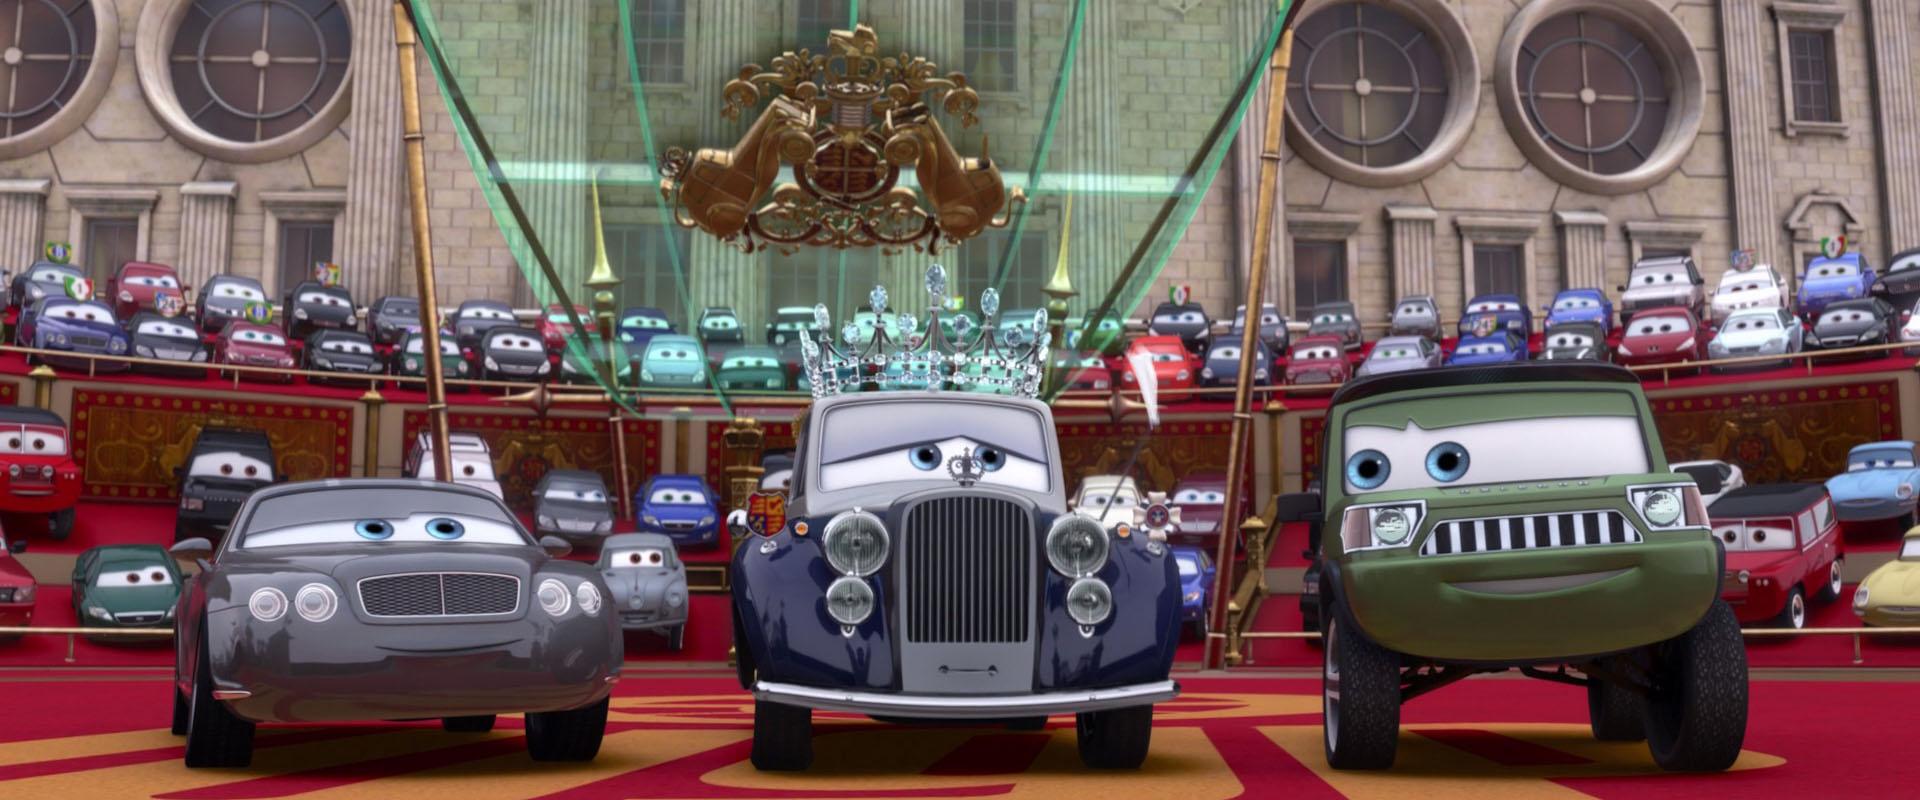 prince-wheeliam-personnage-cars-2-02